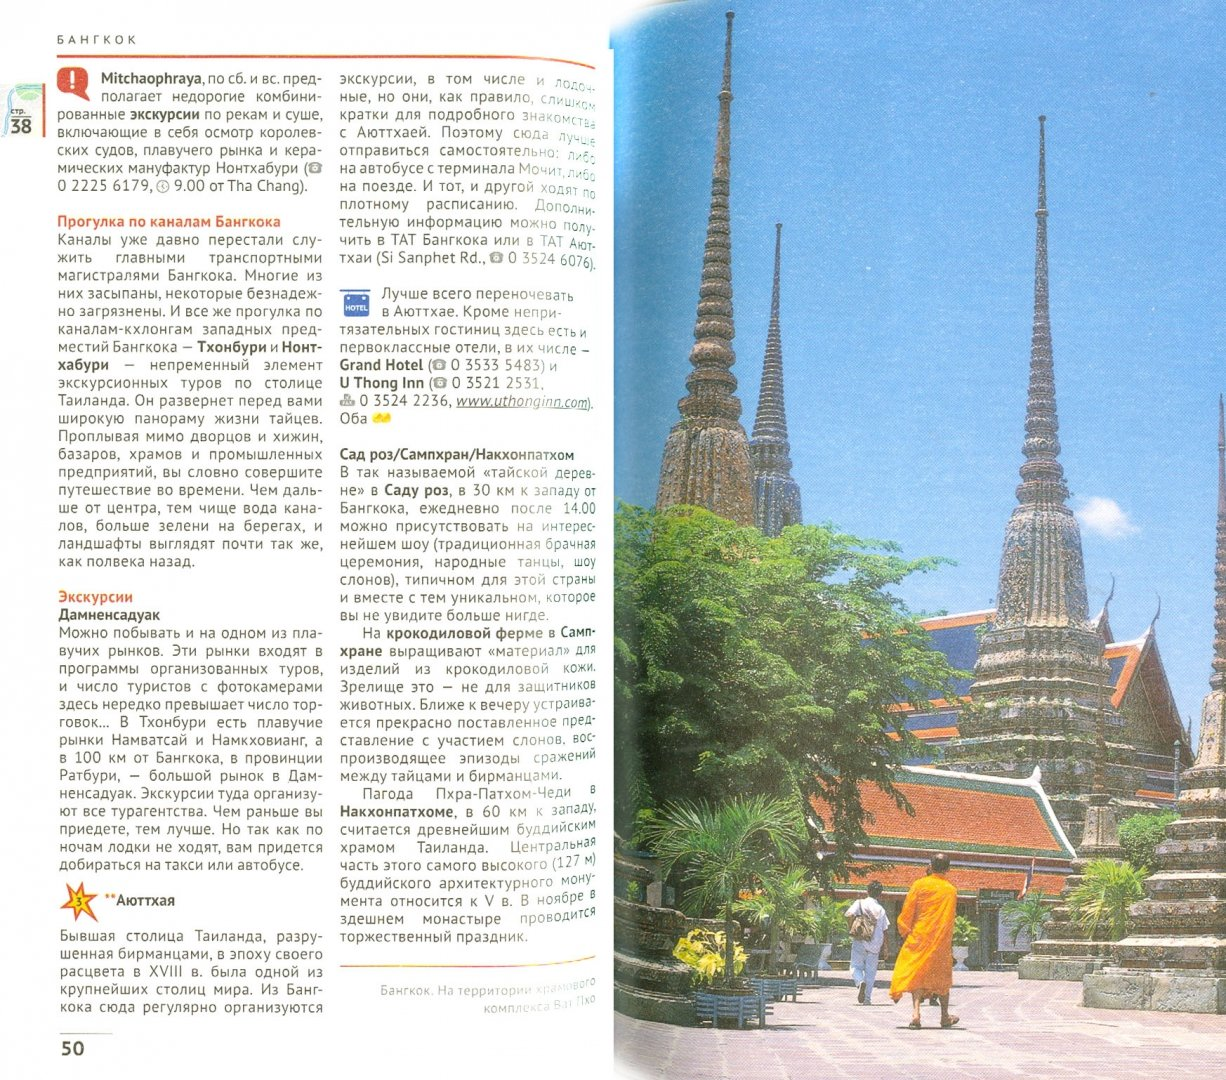 Иллюстрация 1 из 20 для Тайланд: путеводитель - Райнер Шольц | Лабиринт - книги. Источник: Лабиринт